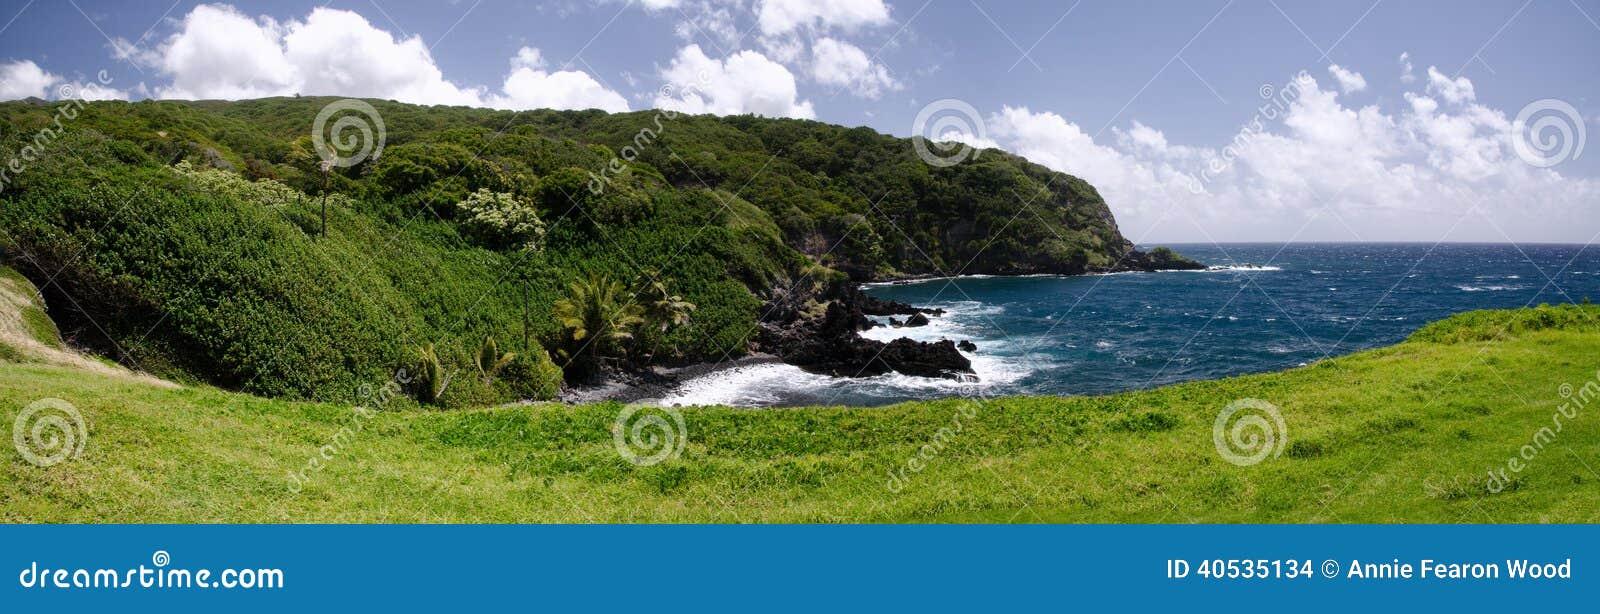 Sceniczna Maui wyspy linia brzegowa, Hawaje